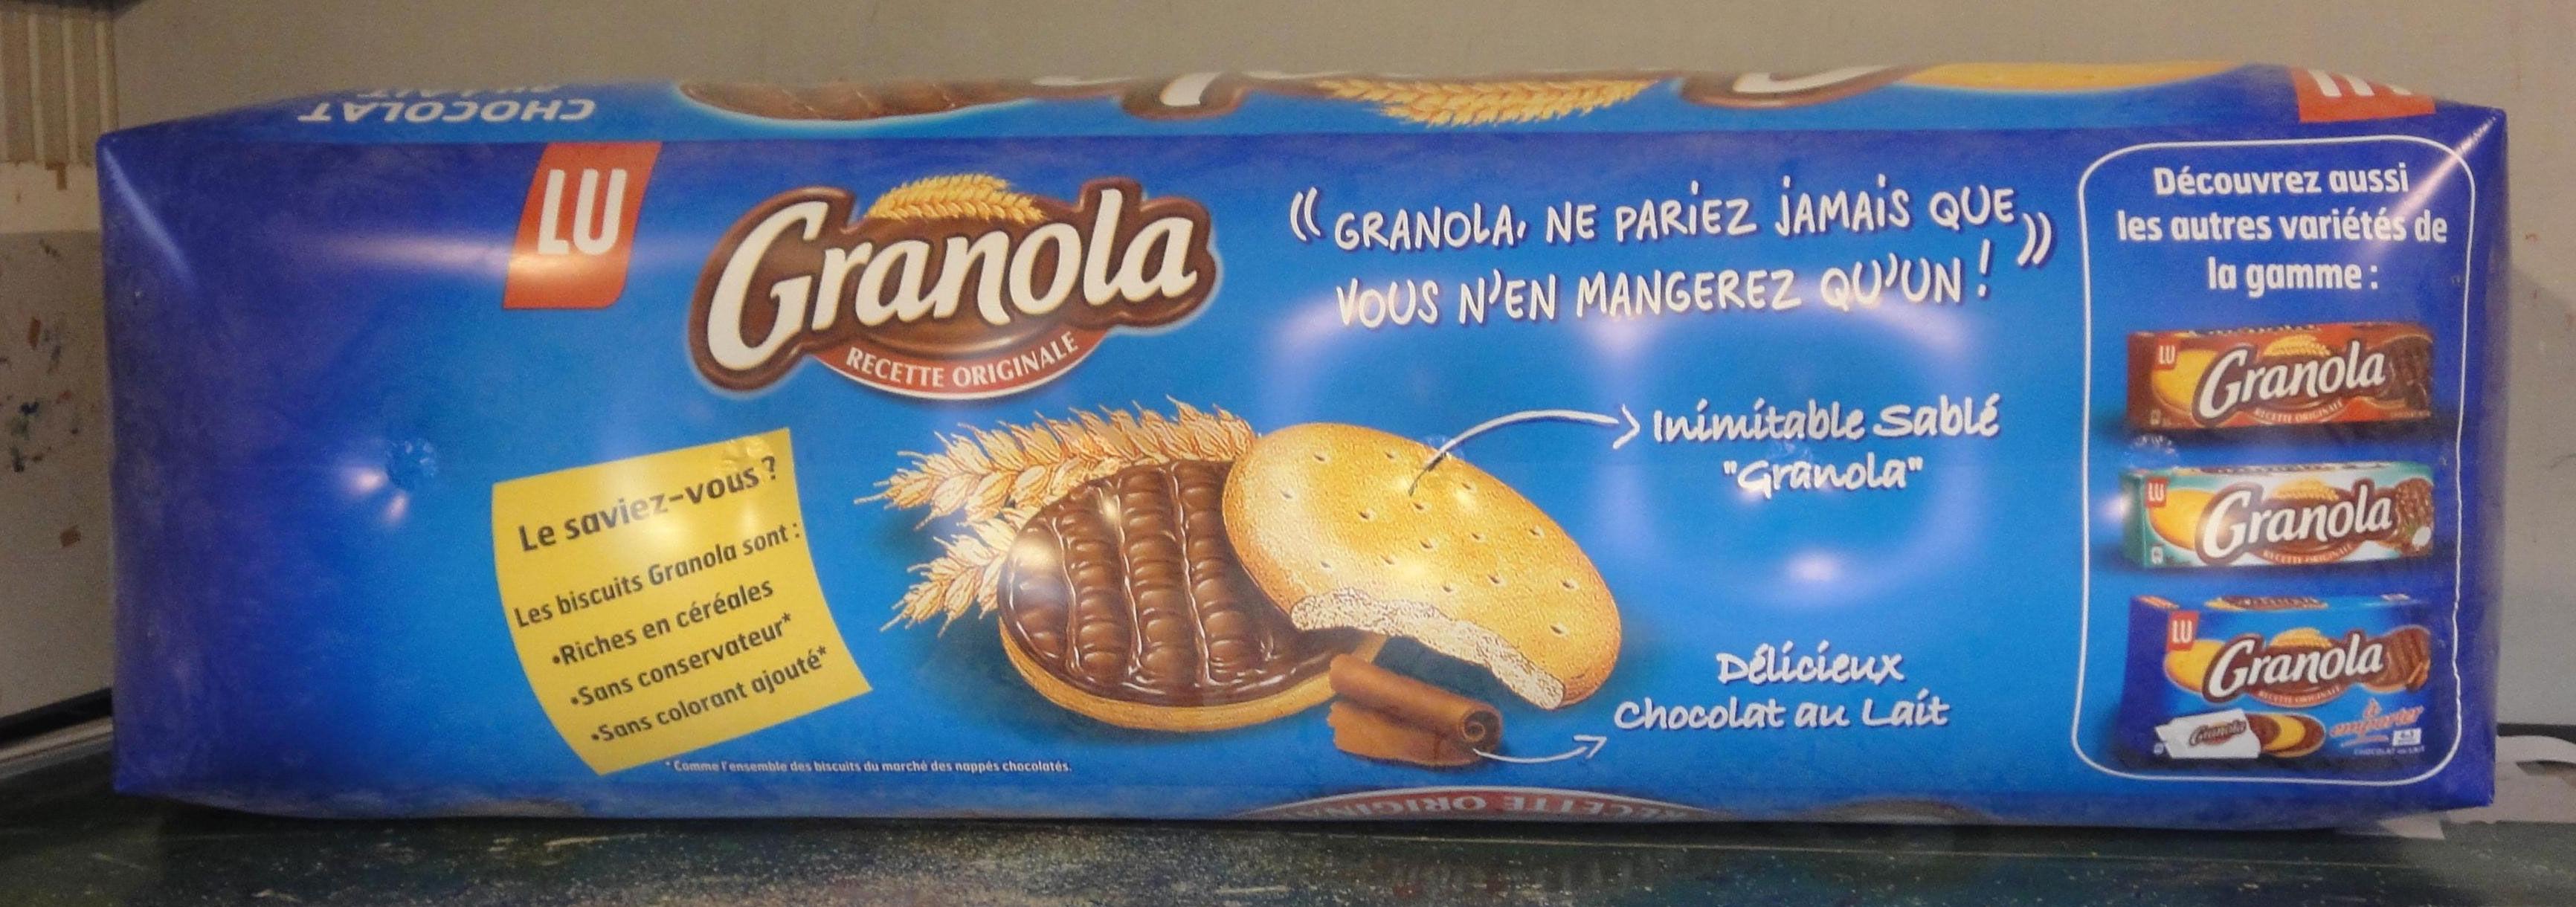 paquet de granola géant plv gonflable